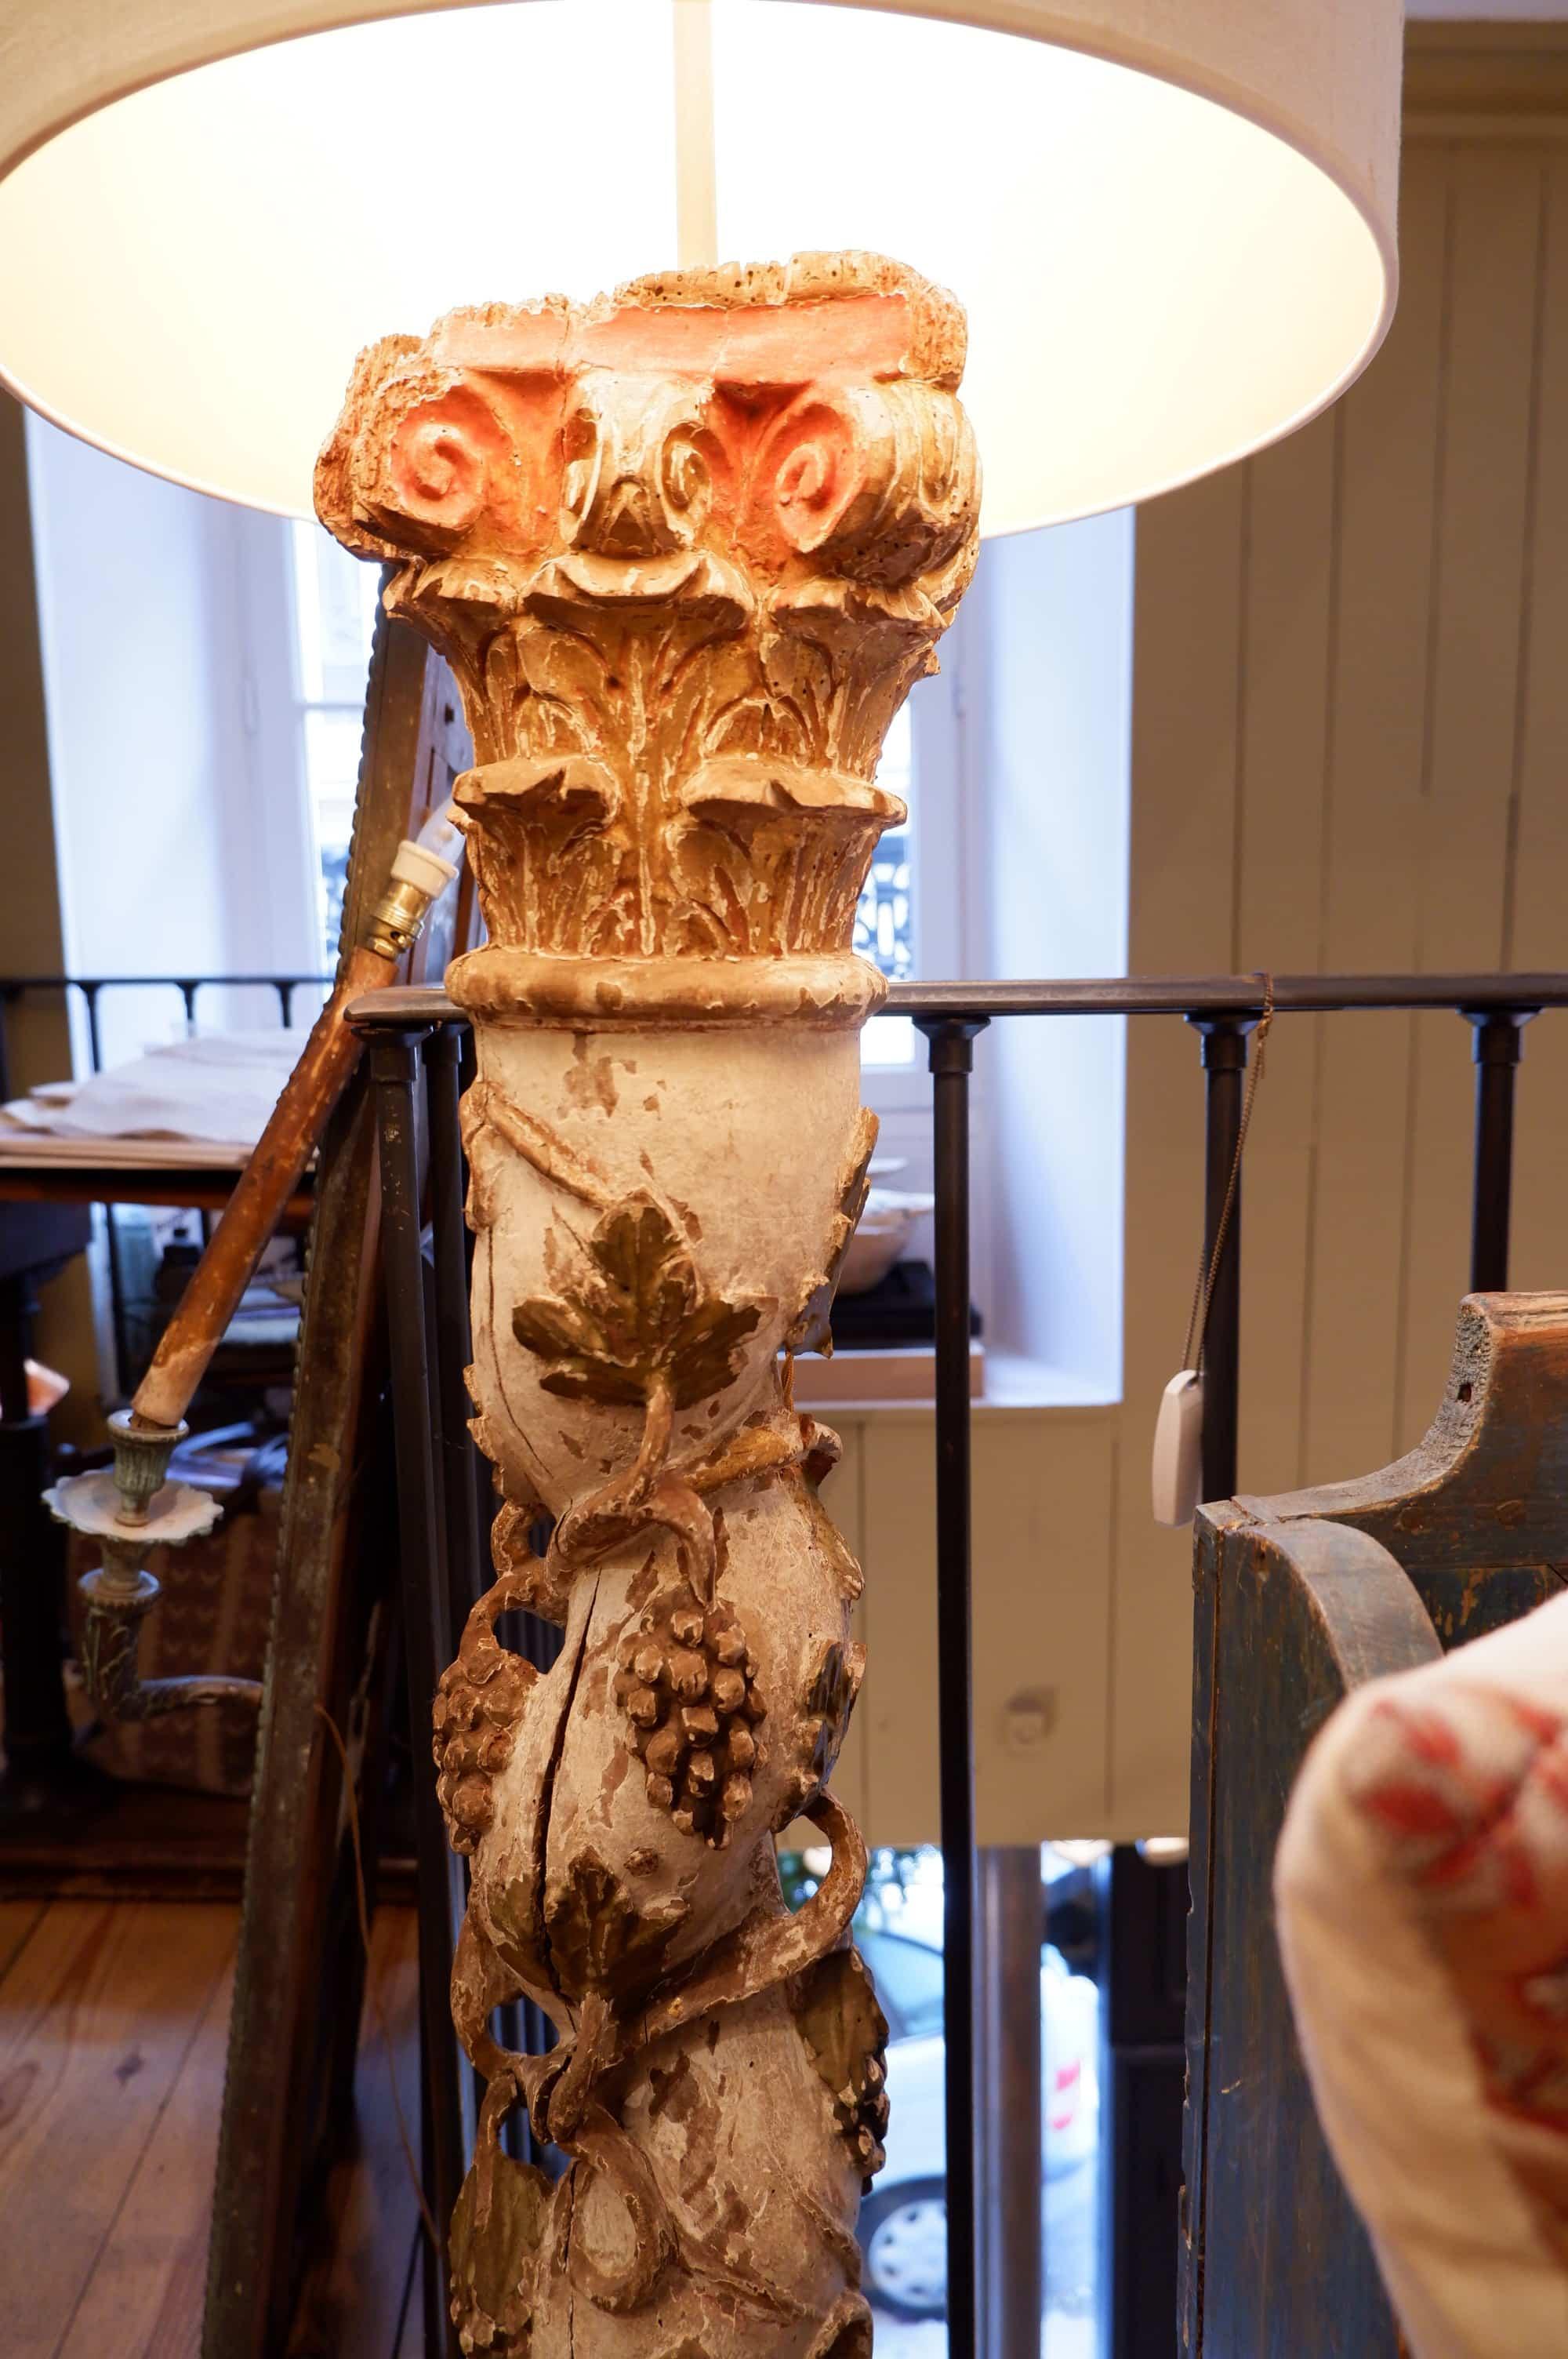 Lampadaire torsades  grappes de raisin en bois sculpté polychrome époque XVIIIE + AJ cylindres